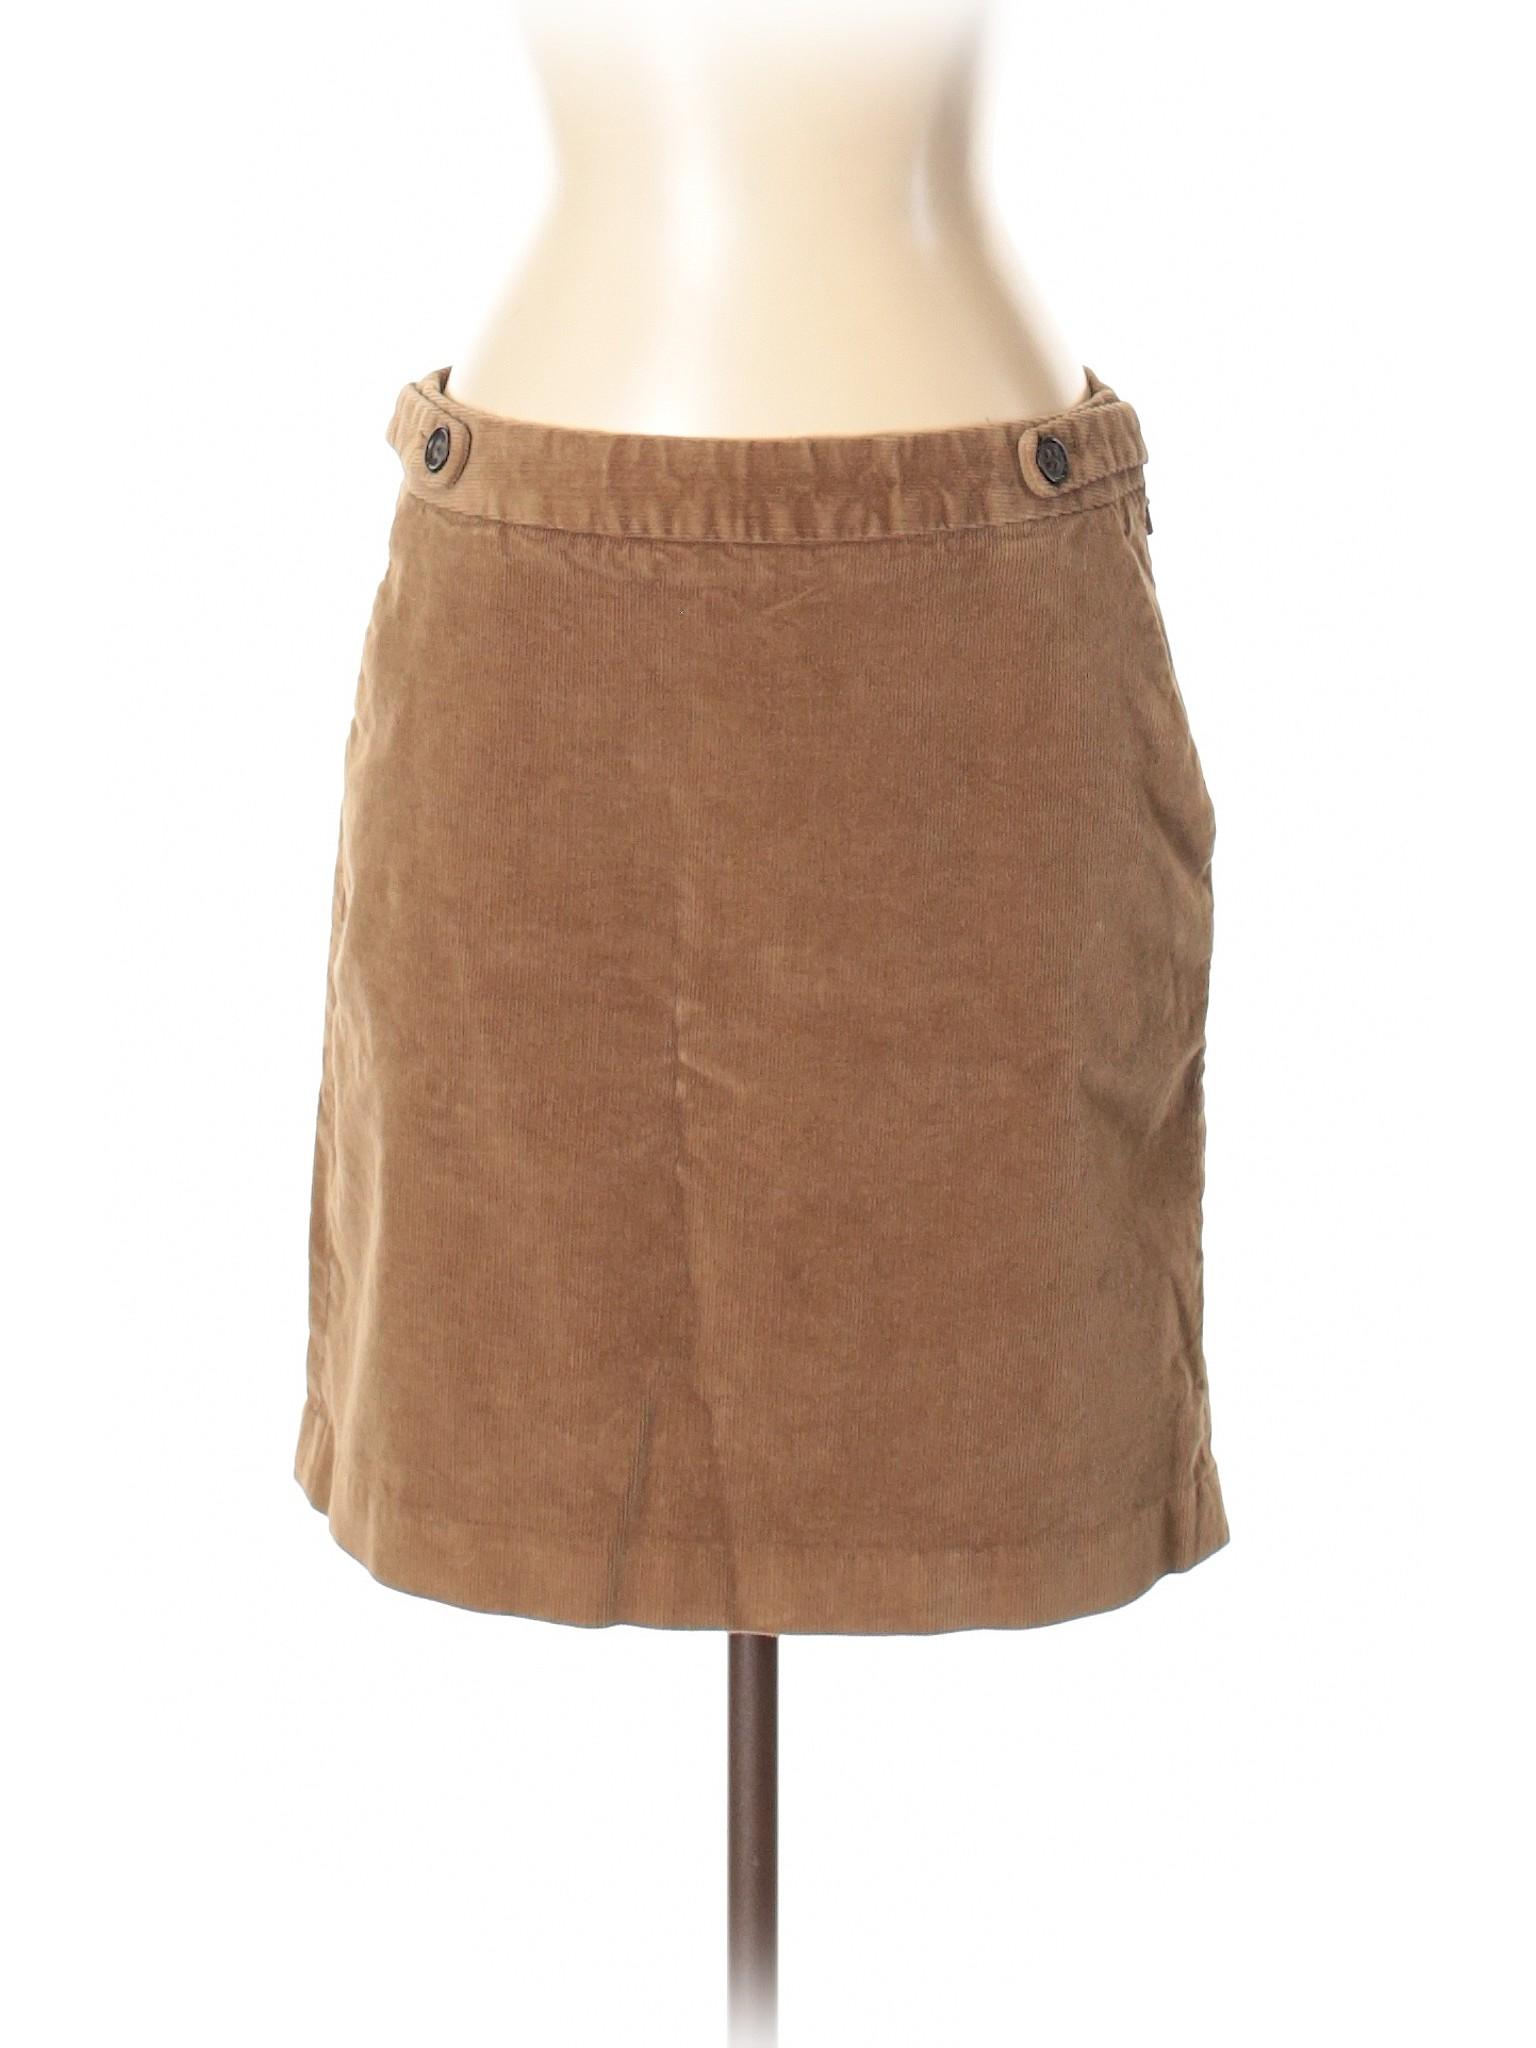 Skirt Boutique Casual Casual Boutique aUqxSgwat